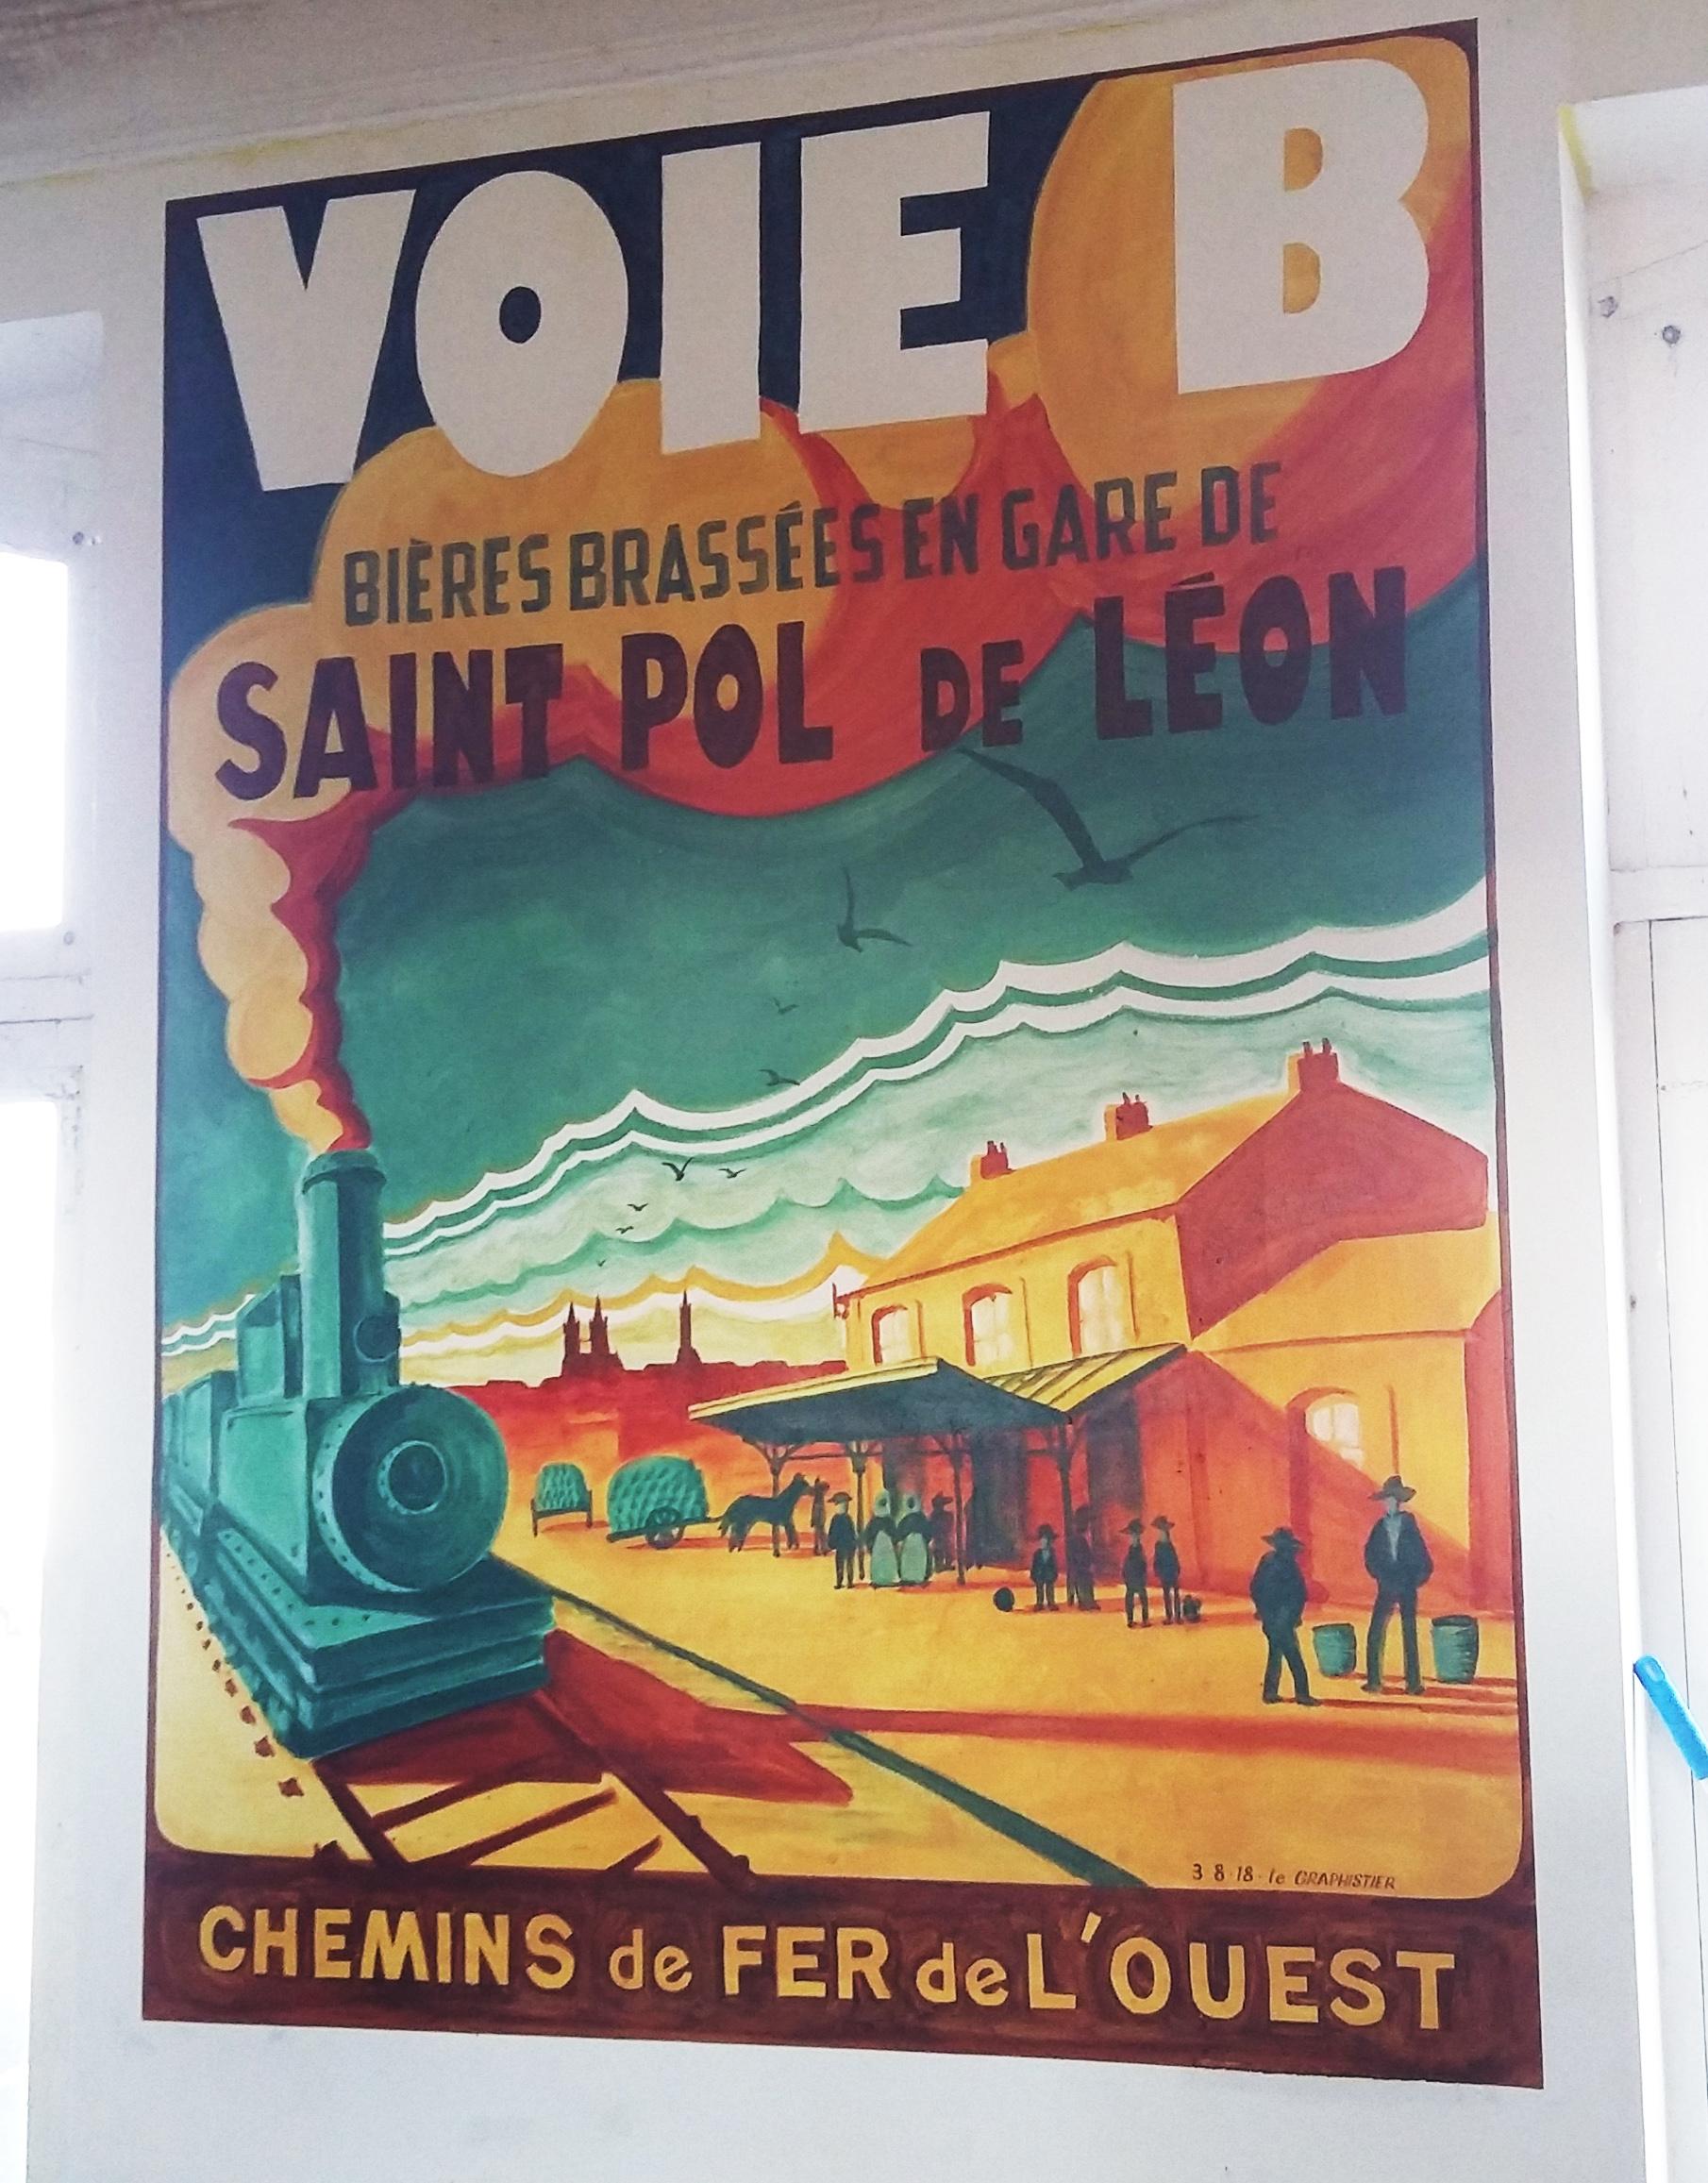 peinture affiche ancienne voieb